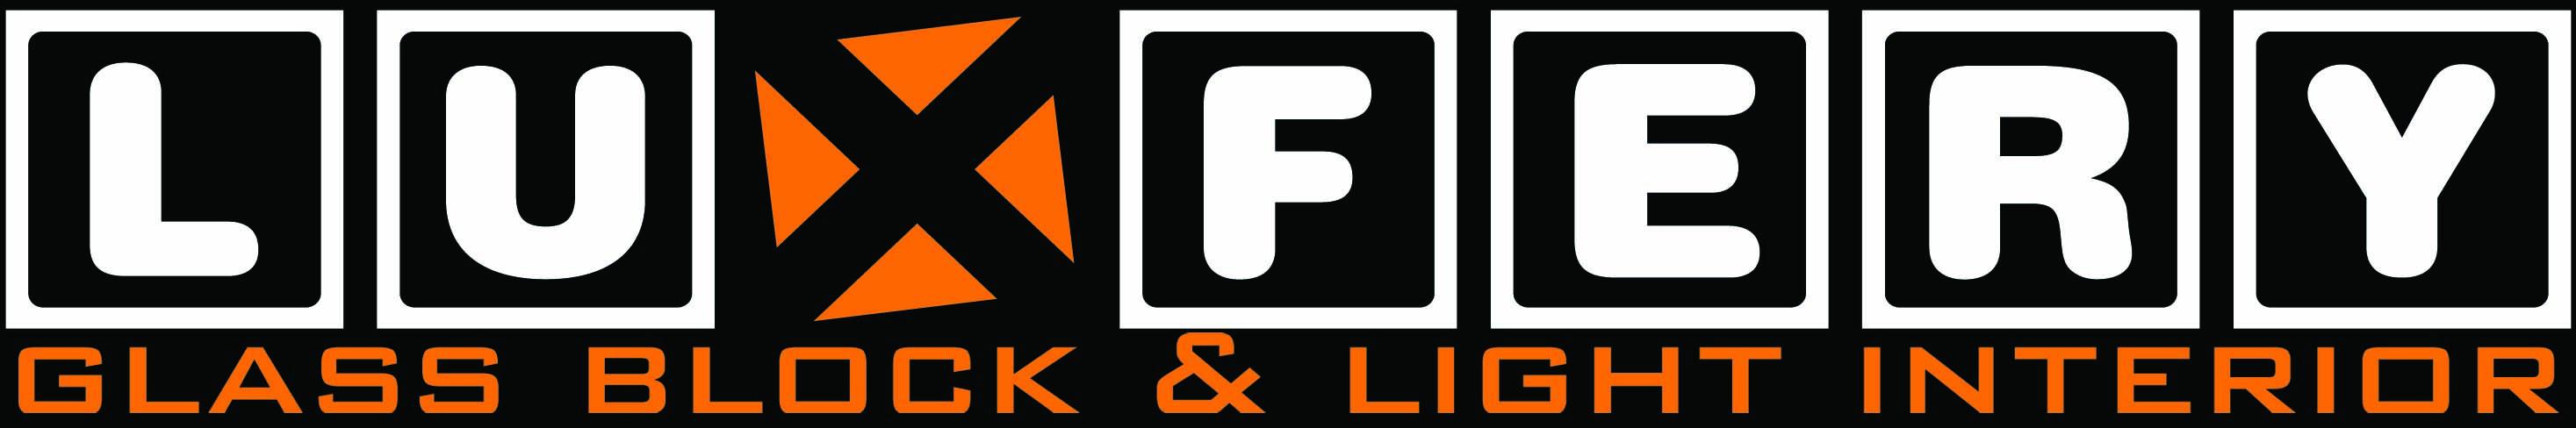 www.luxfery.net